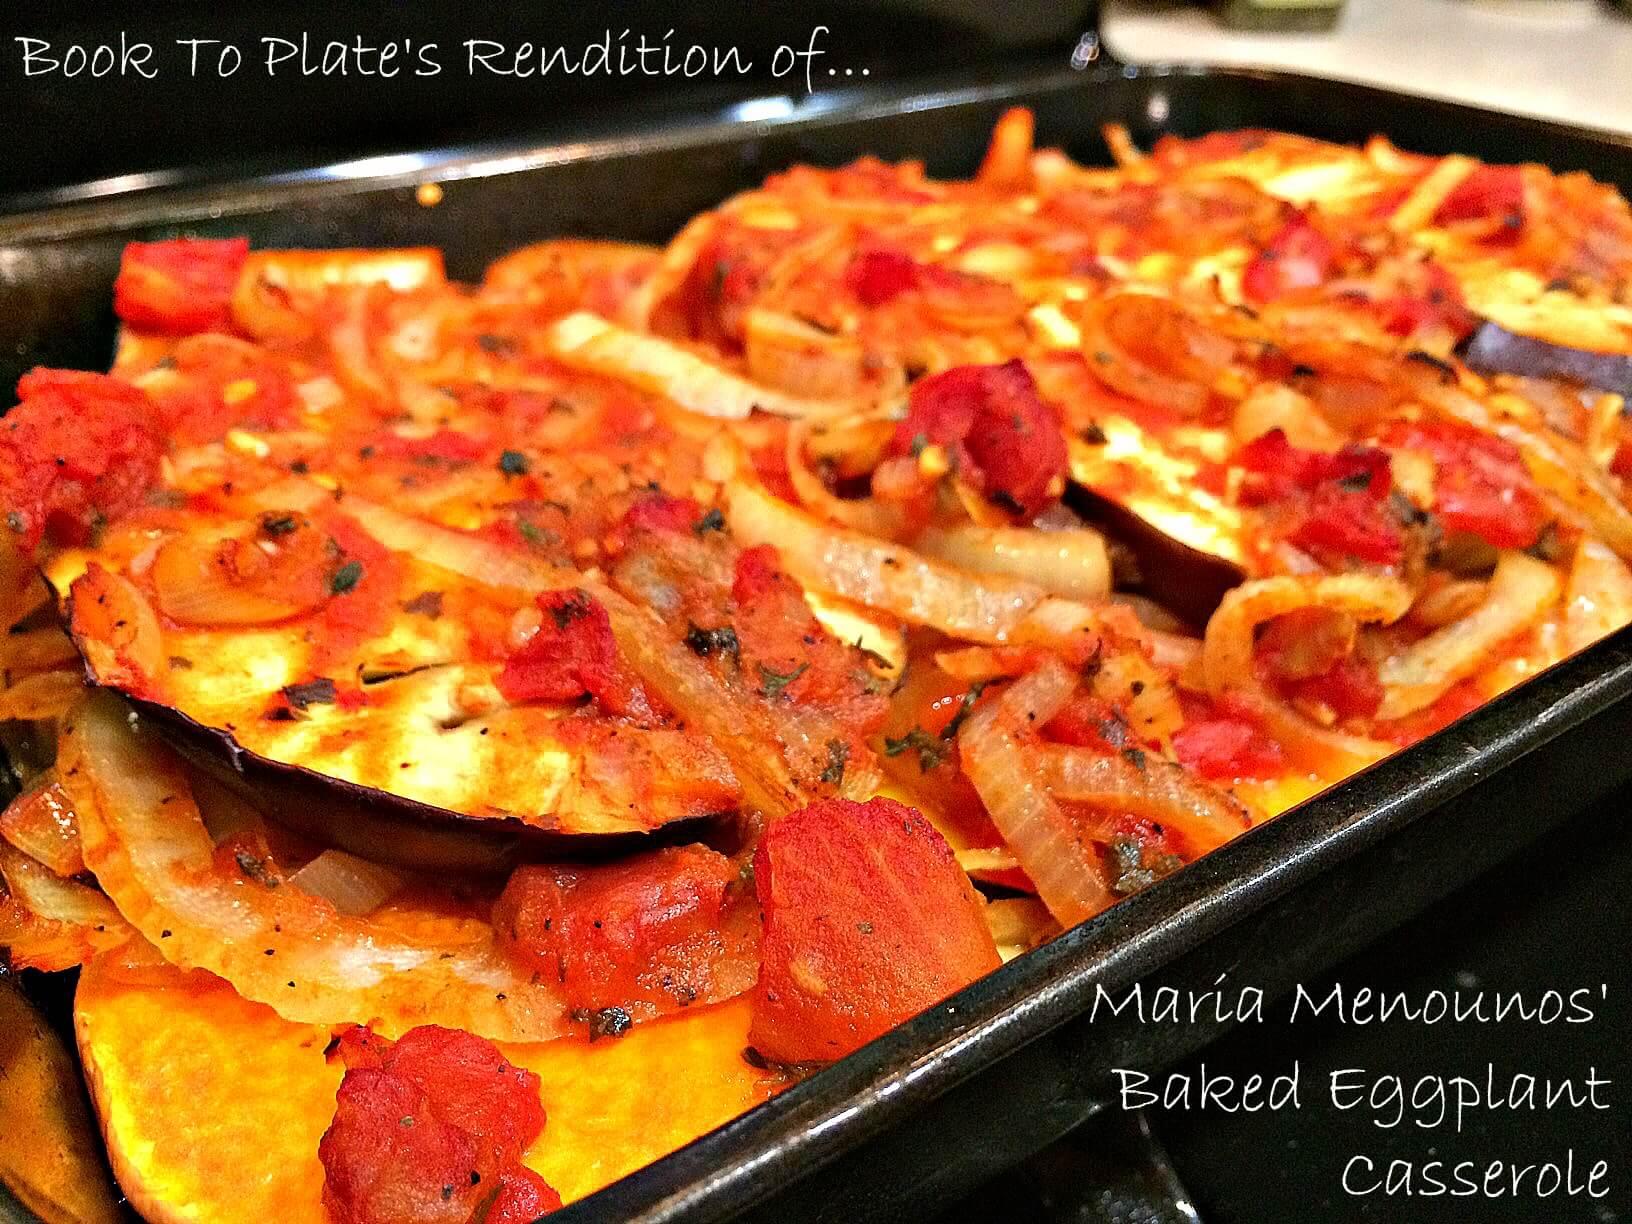 Maria-Menounos-Eggplant-Recipe.jpg